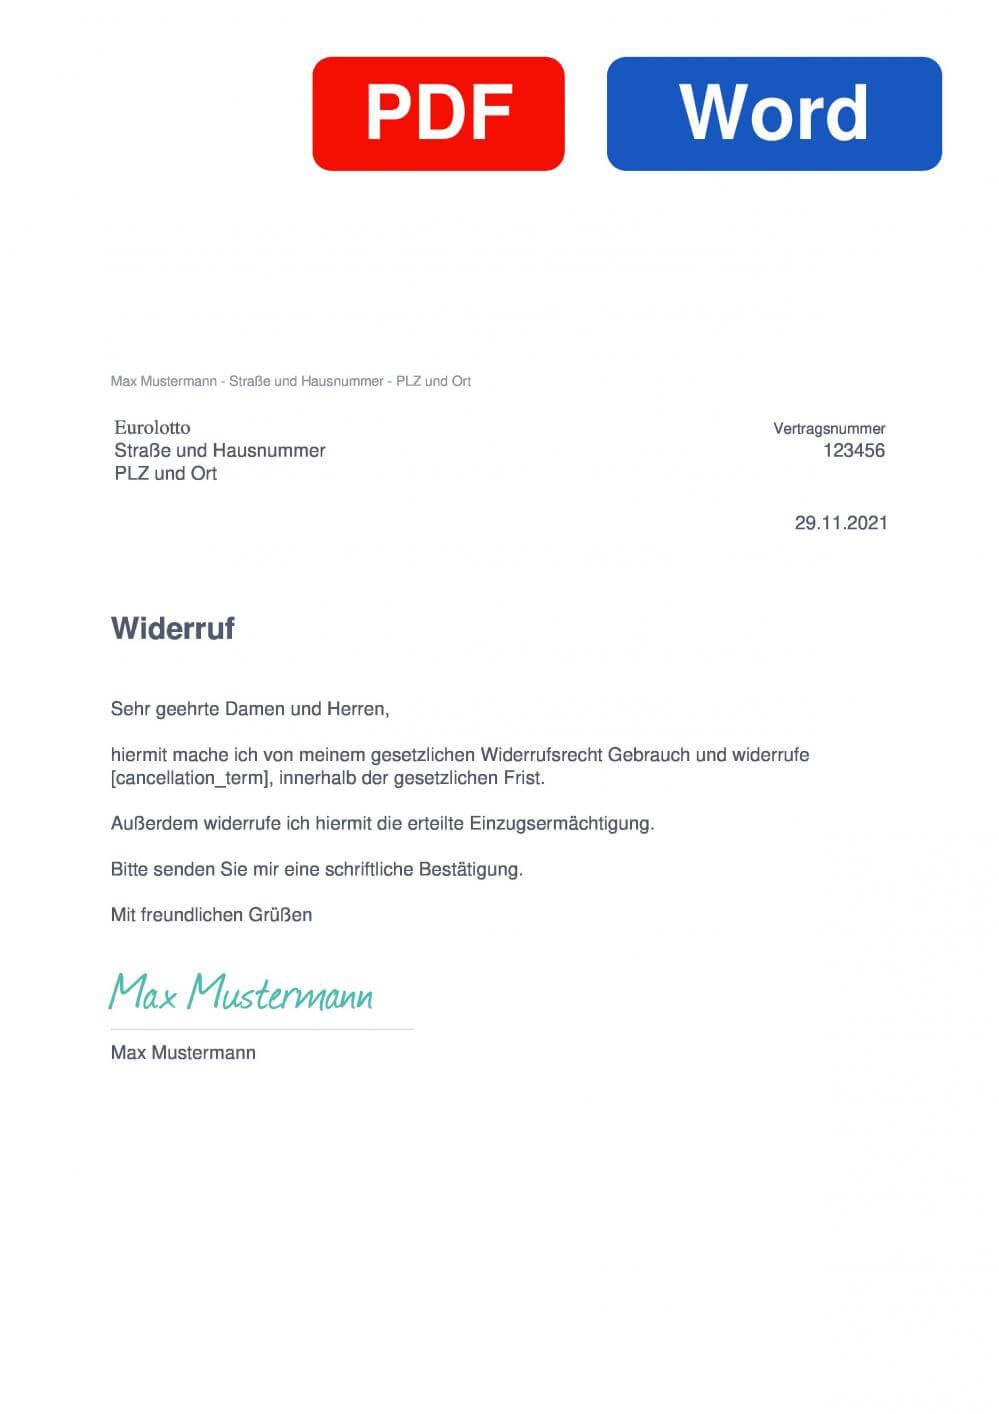 Eurolotto Muster Vorlage für Wiederrufsschreiben